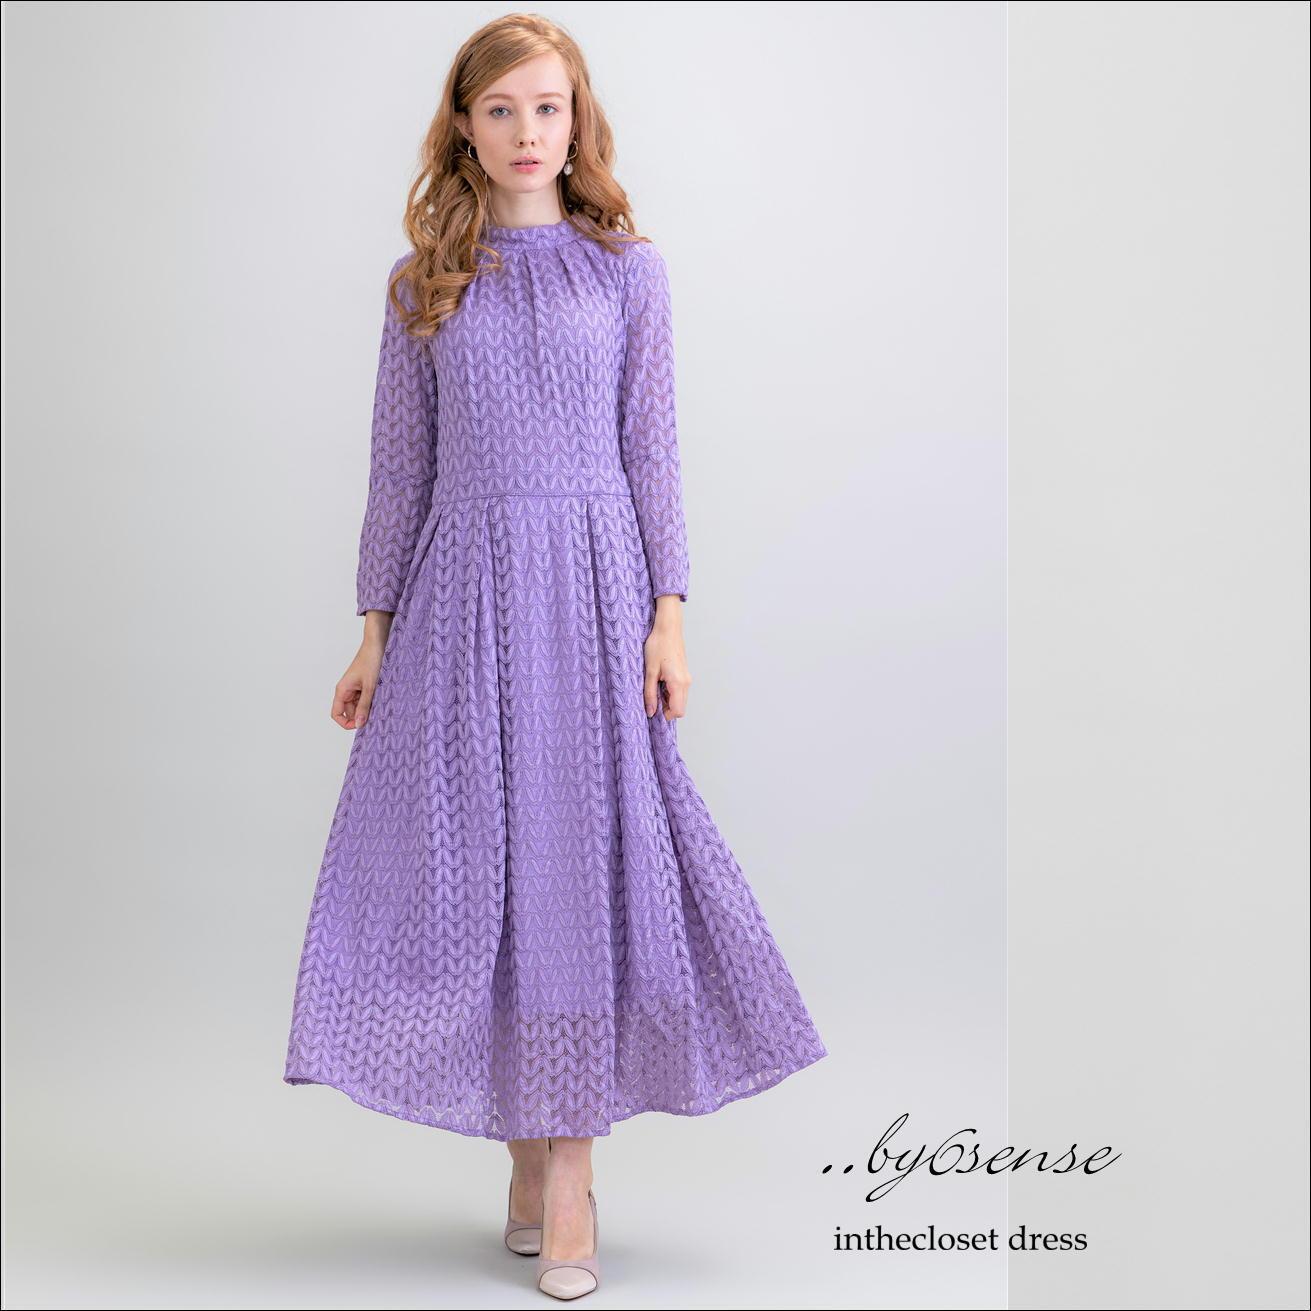 ラベンダーM/L/LLサイズ 葉柄総レース ハイネックロングドレス